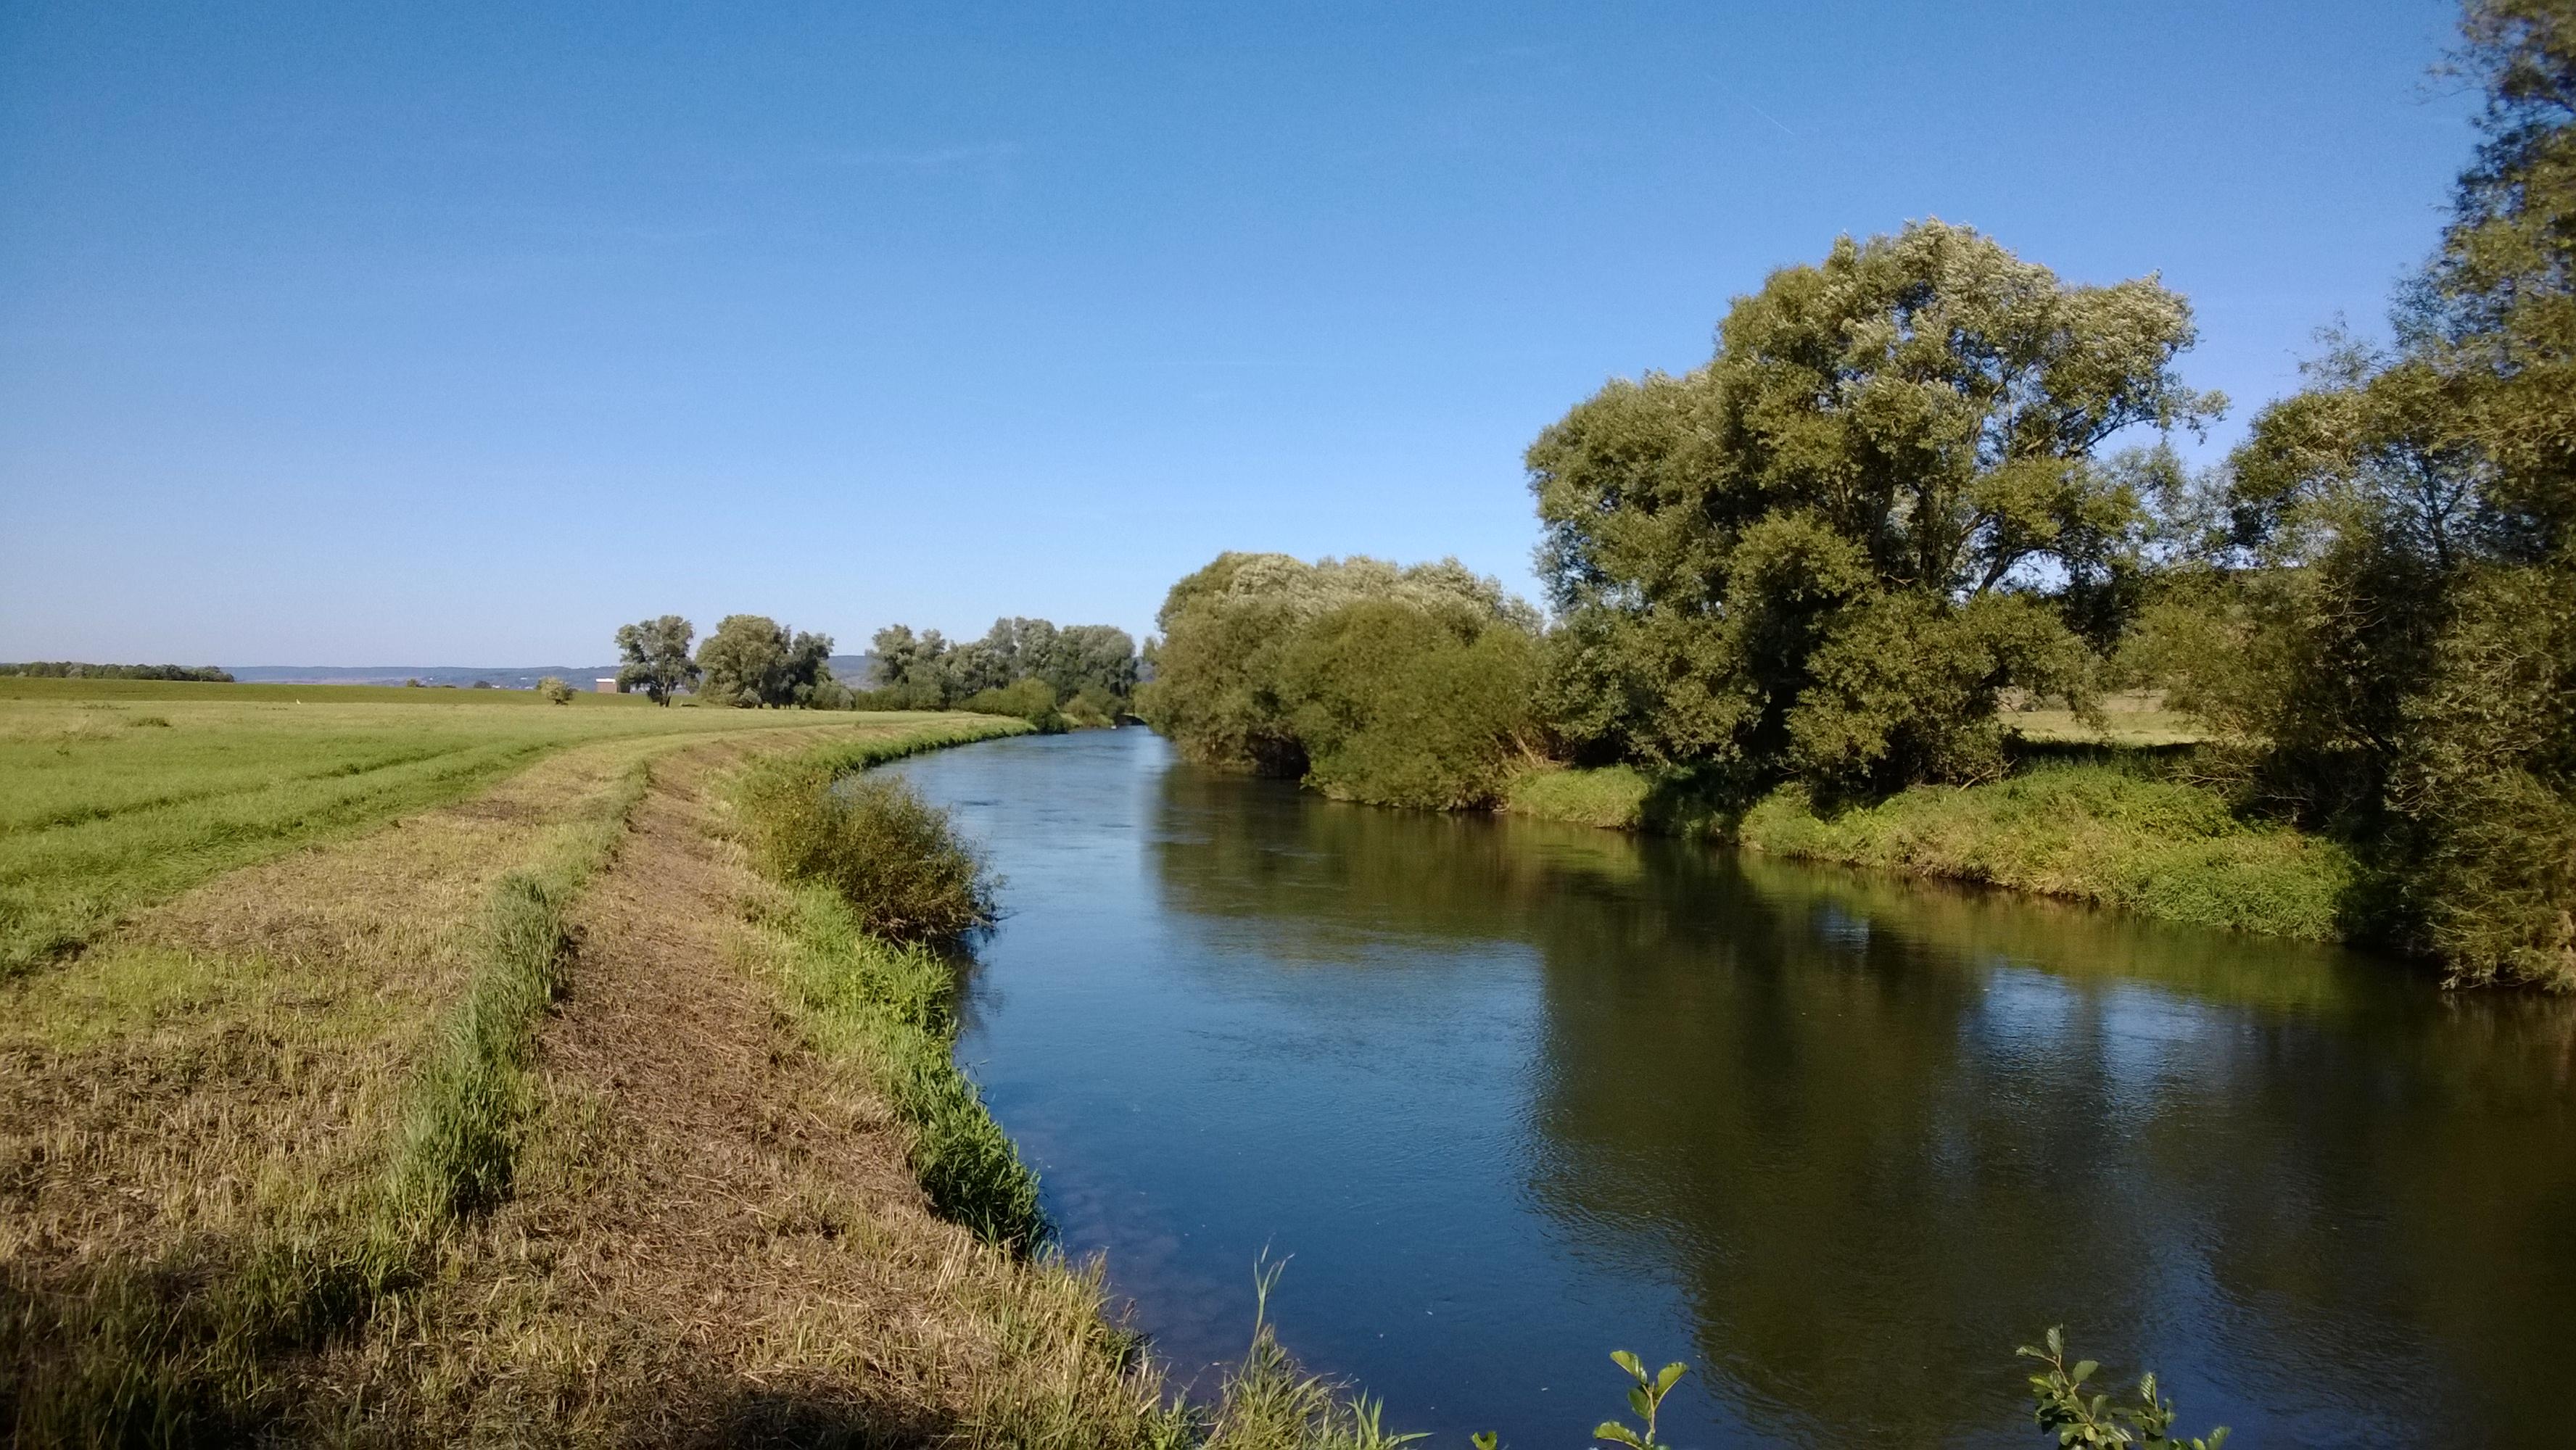 Ausgebaute Leine im Hochwasserrückhaltebecken (Höhe Drüber/Stöckheim)